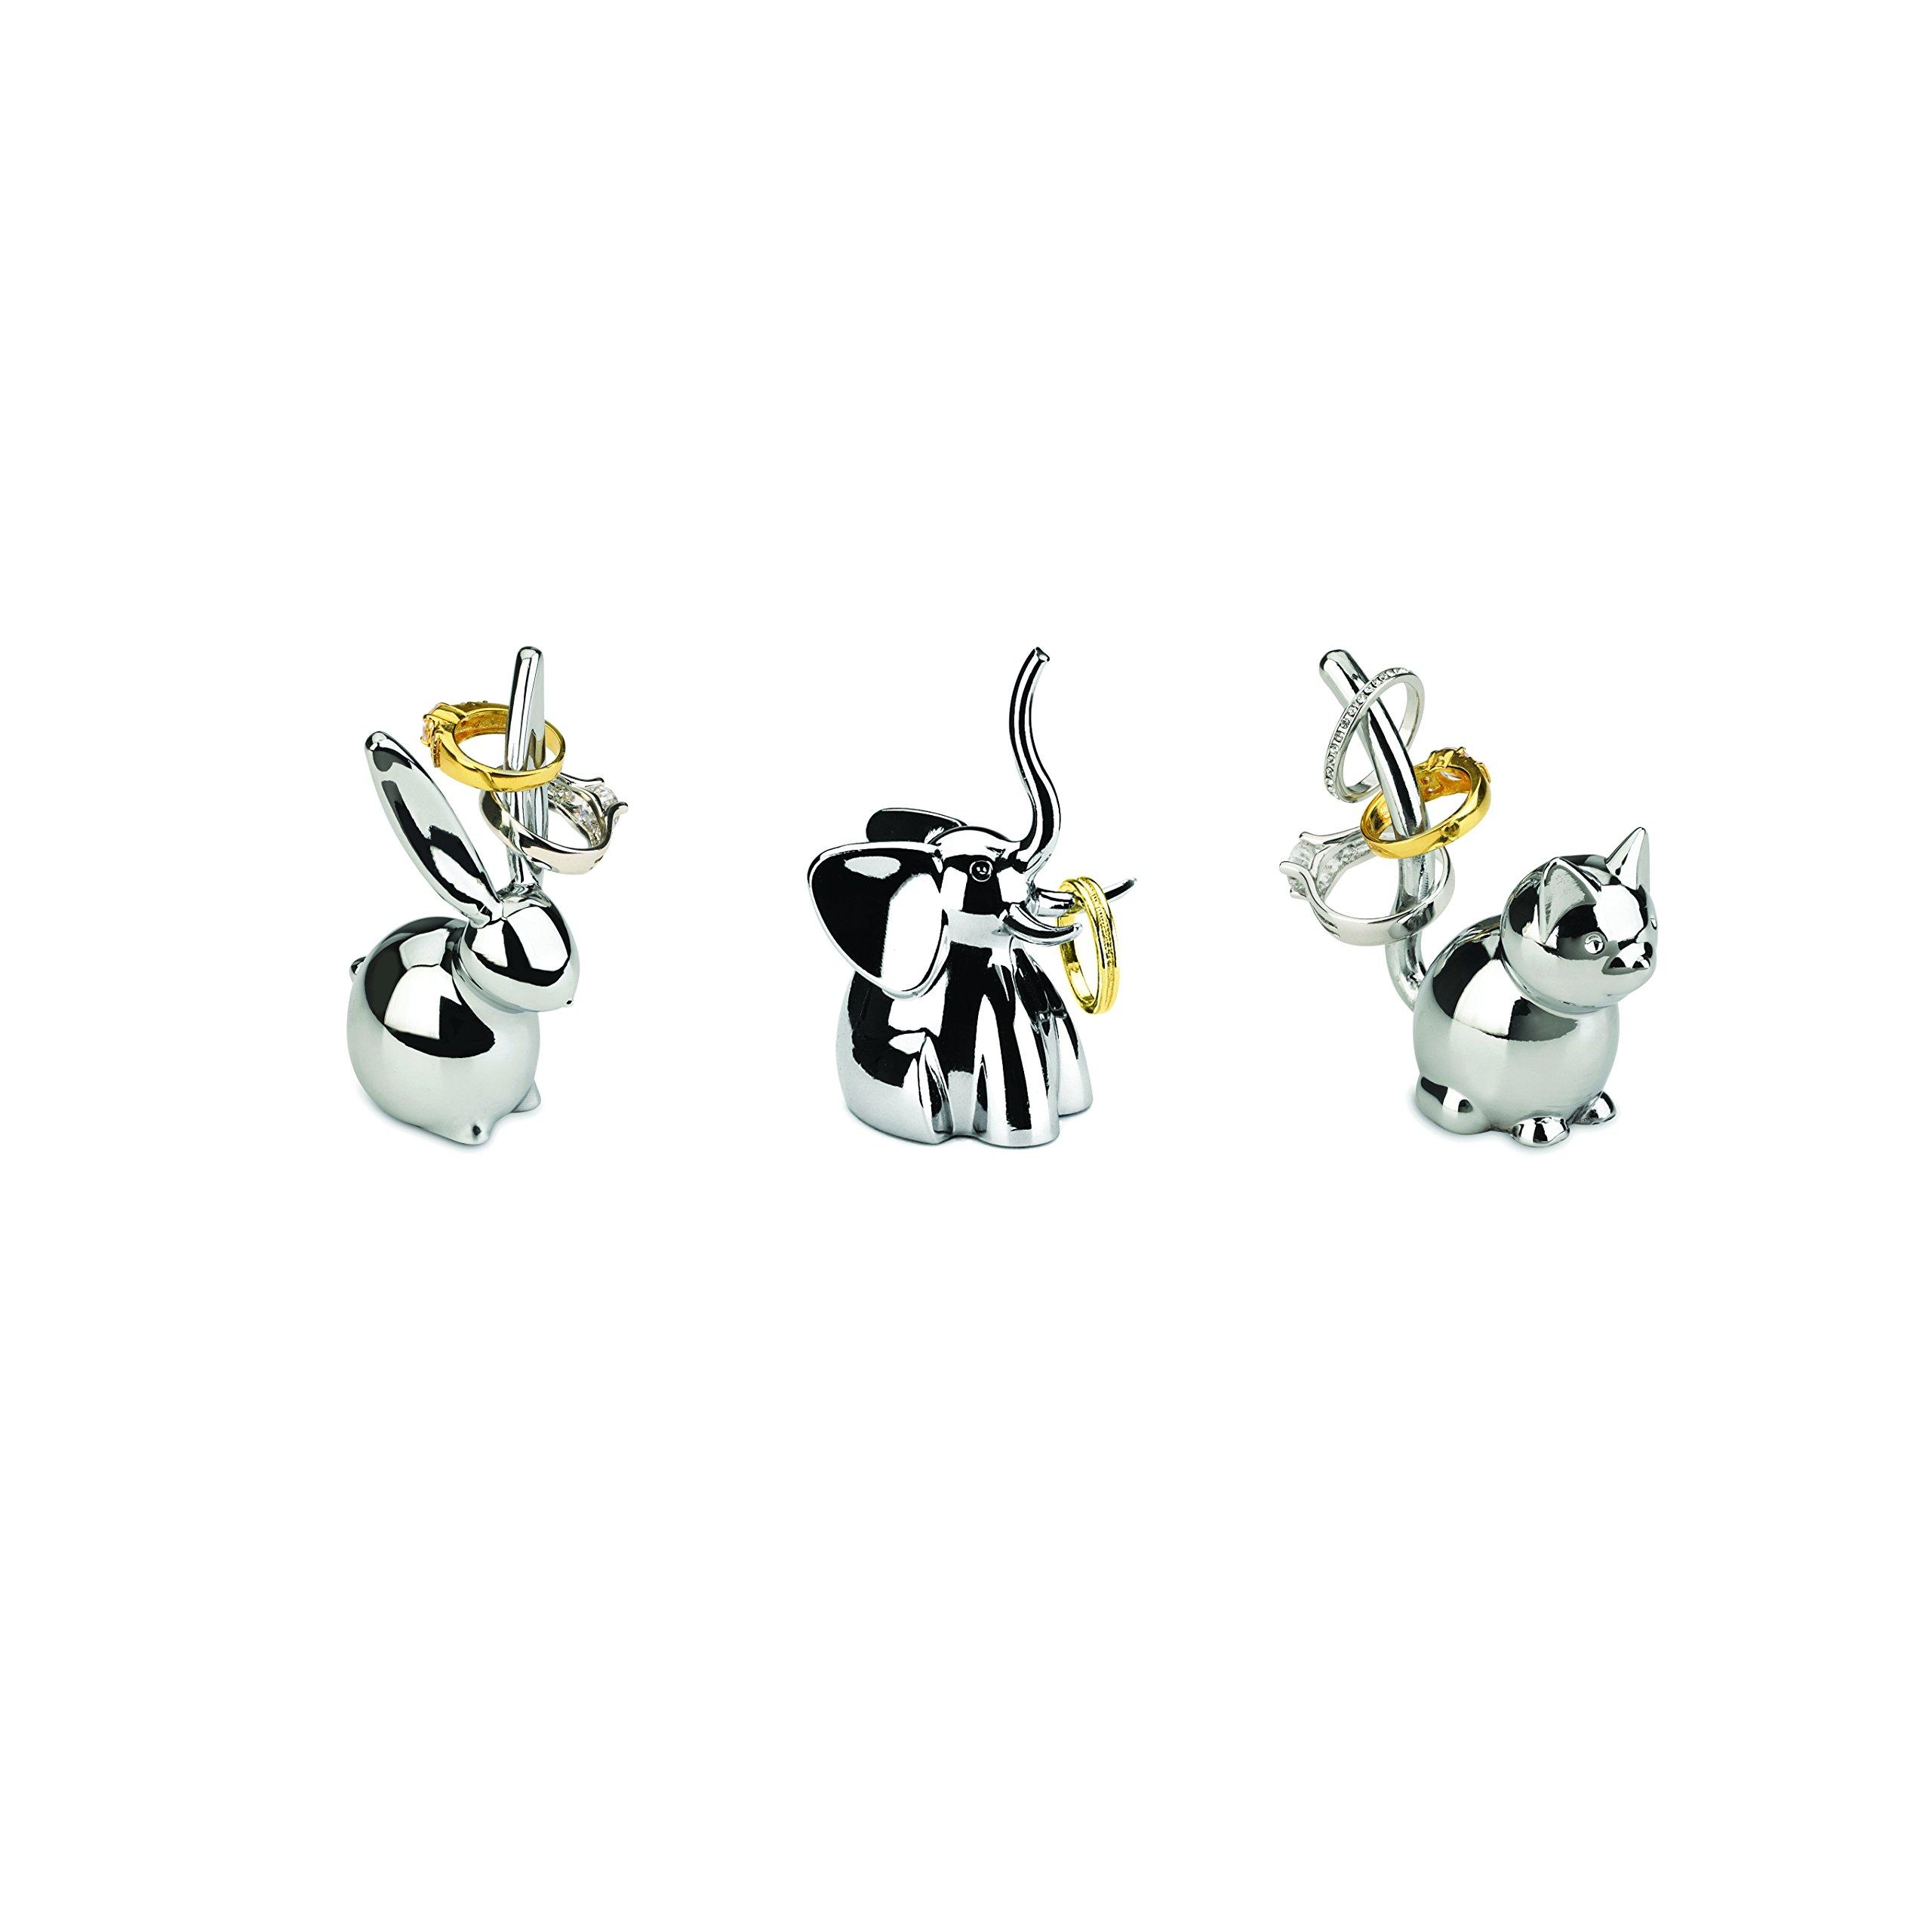 Umbra Zoola Ring Holders, Set of 3 - Bunny, Cat, Elephant, Chrome